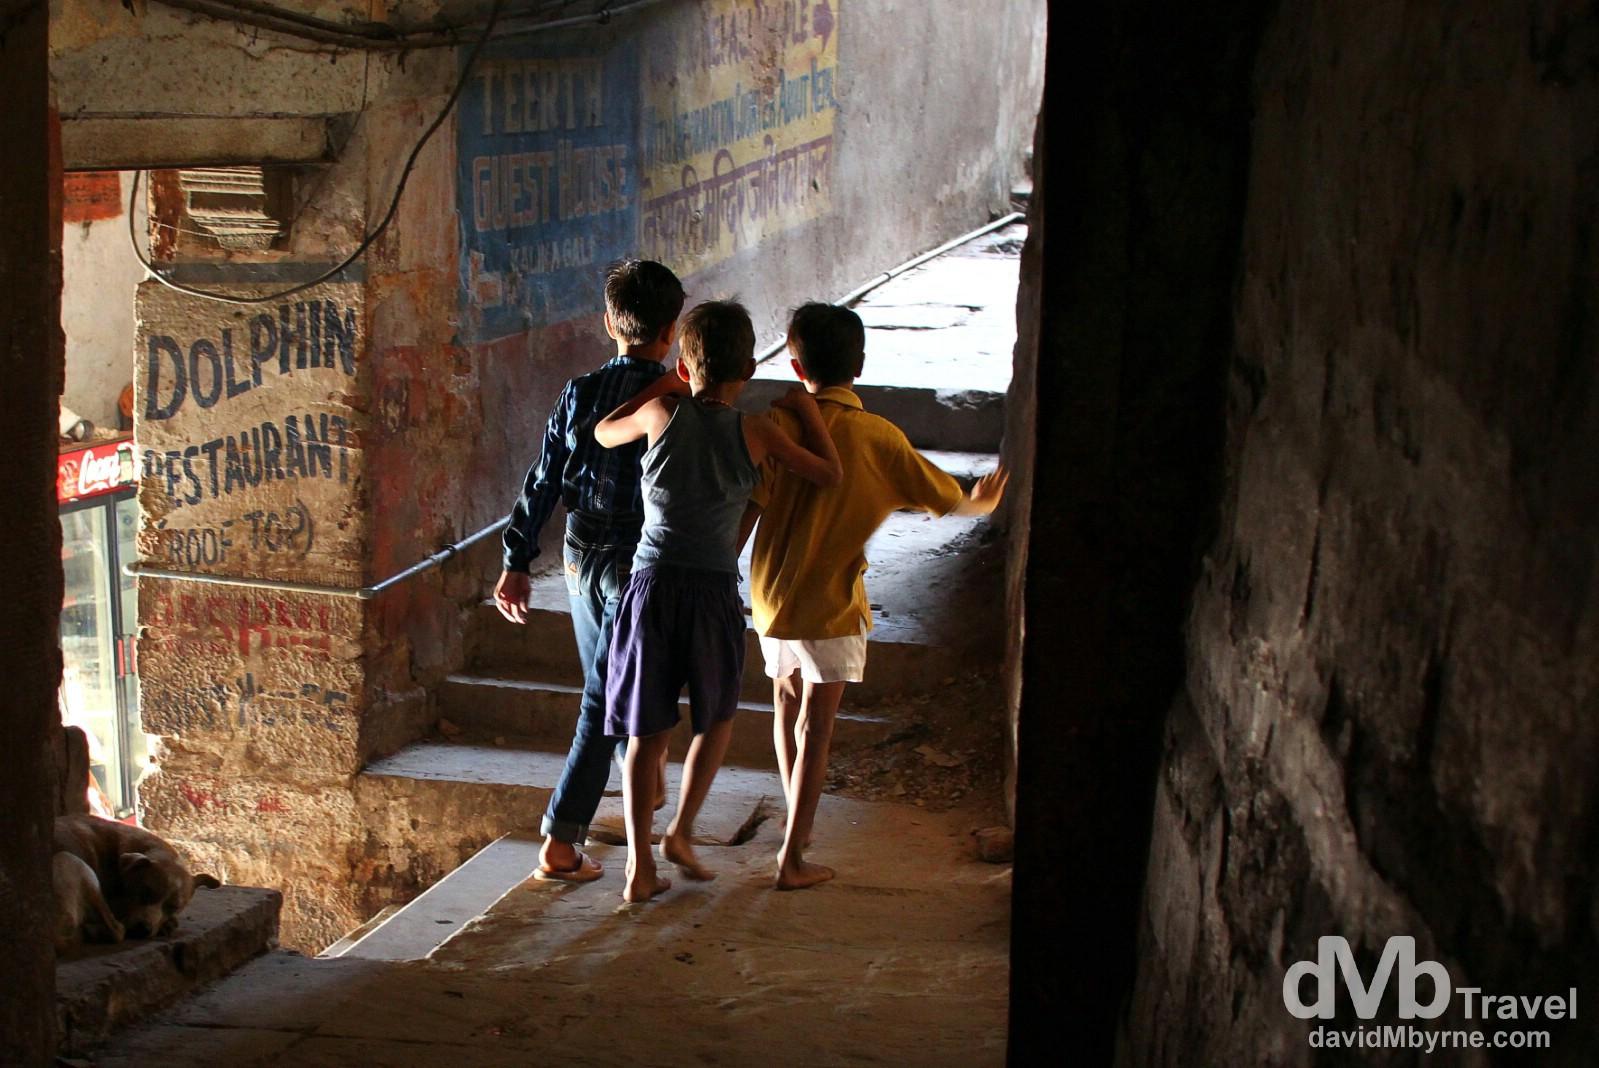 Mischievous boys in a lanes of old town Varanasi, Uttar Pradesh, India. October 14th 2012.